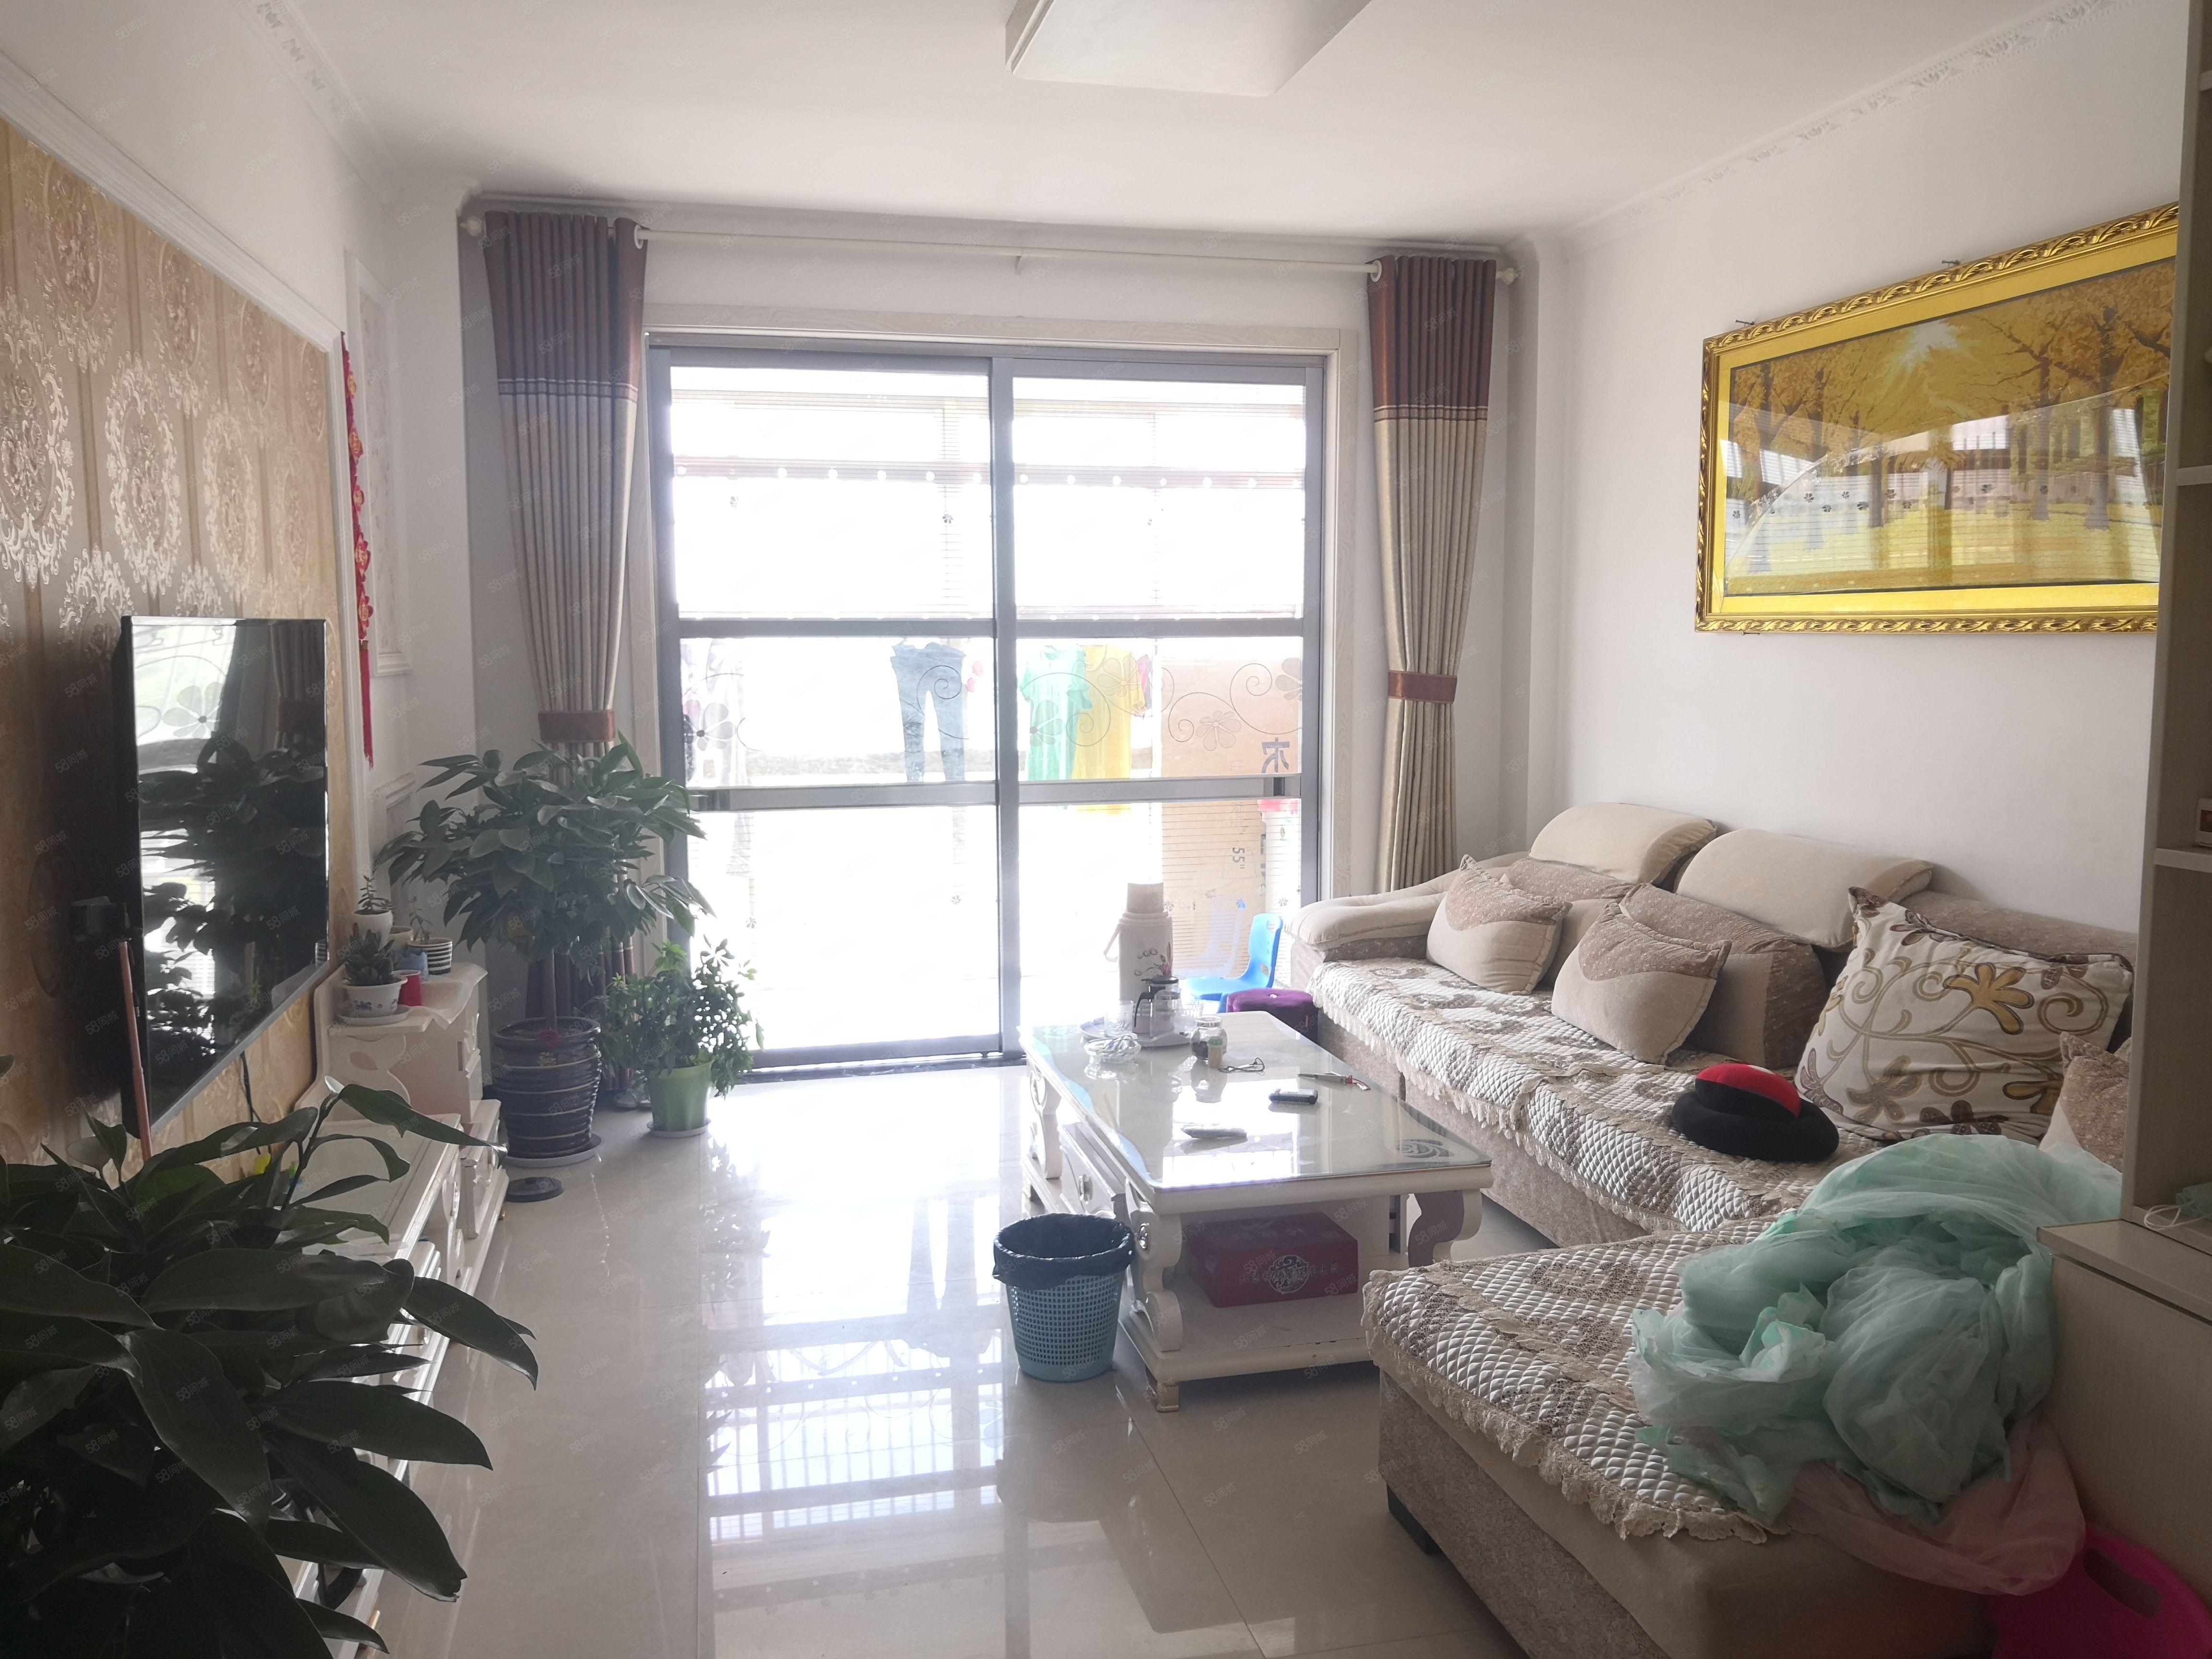 珠江豪庭租房三室精装修拎包即住啥都带看房方便随时联系